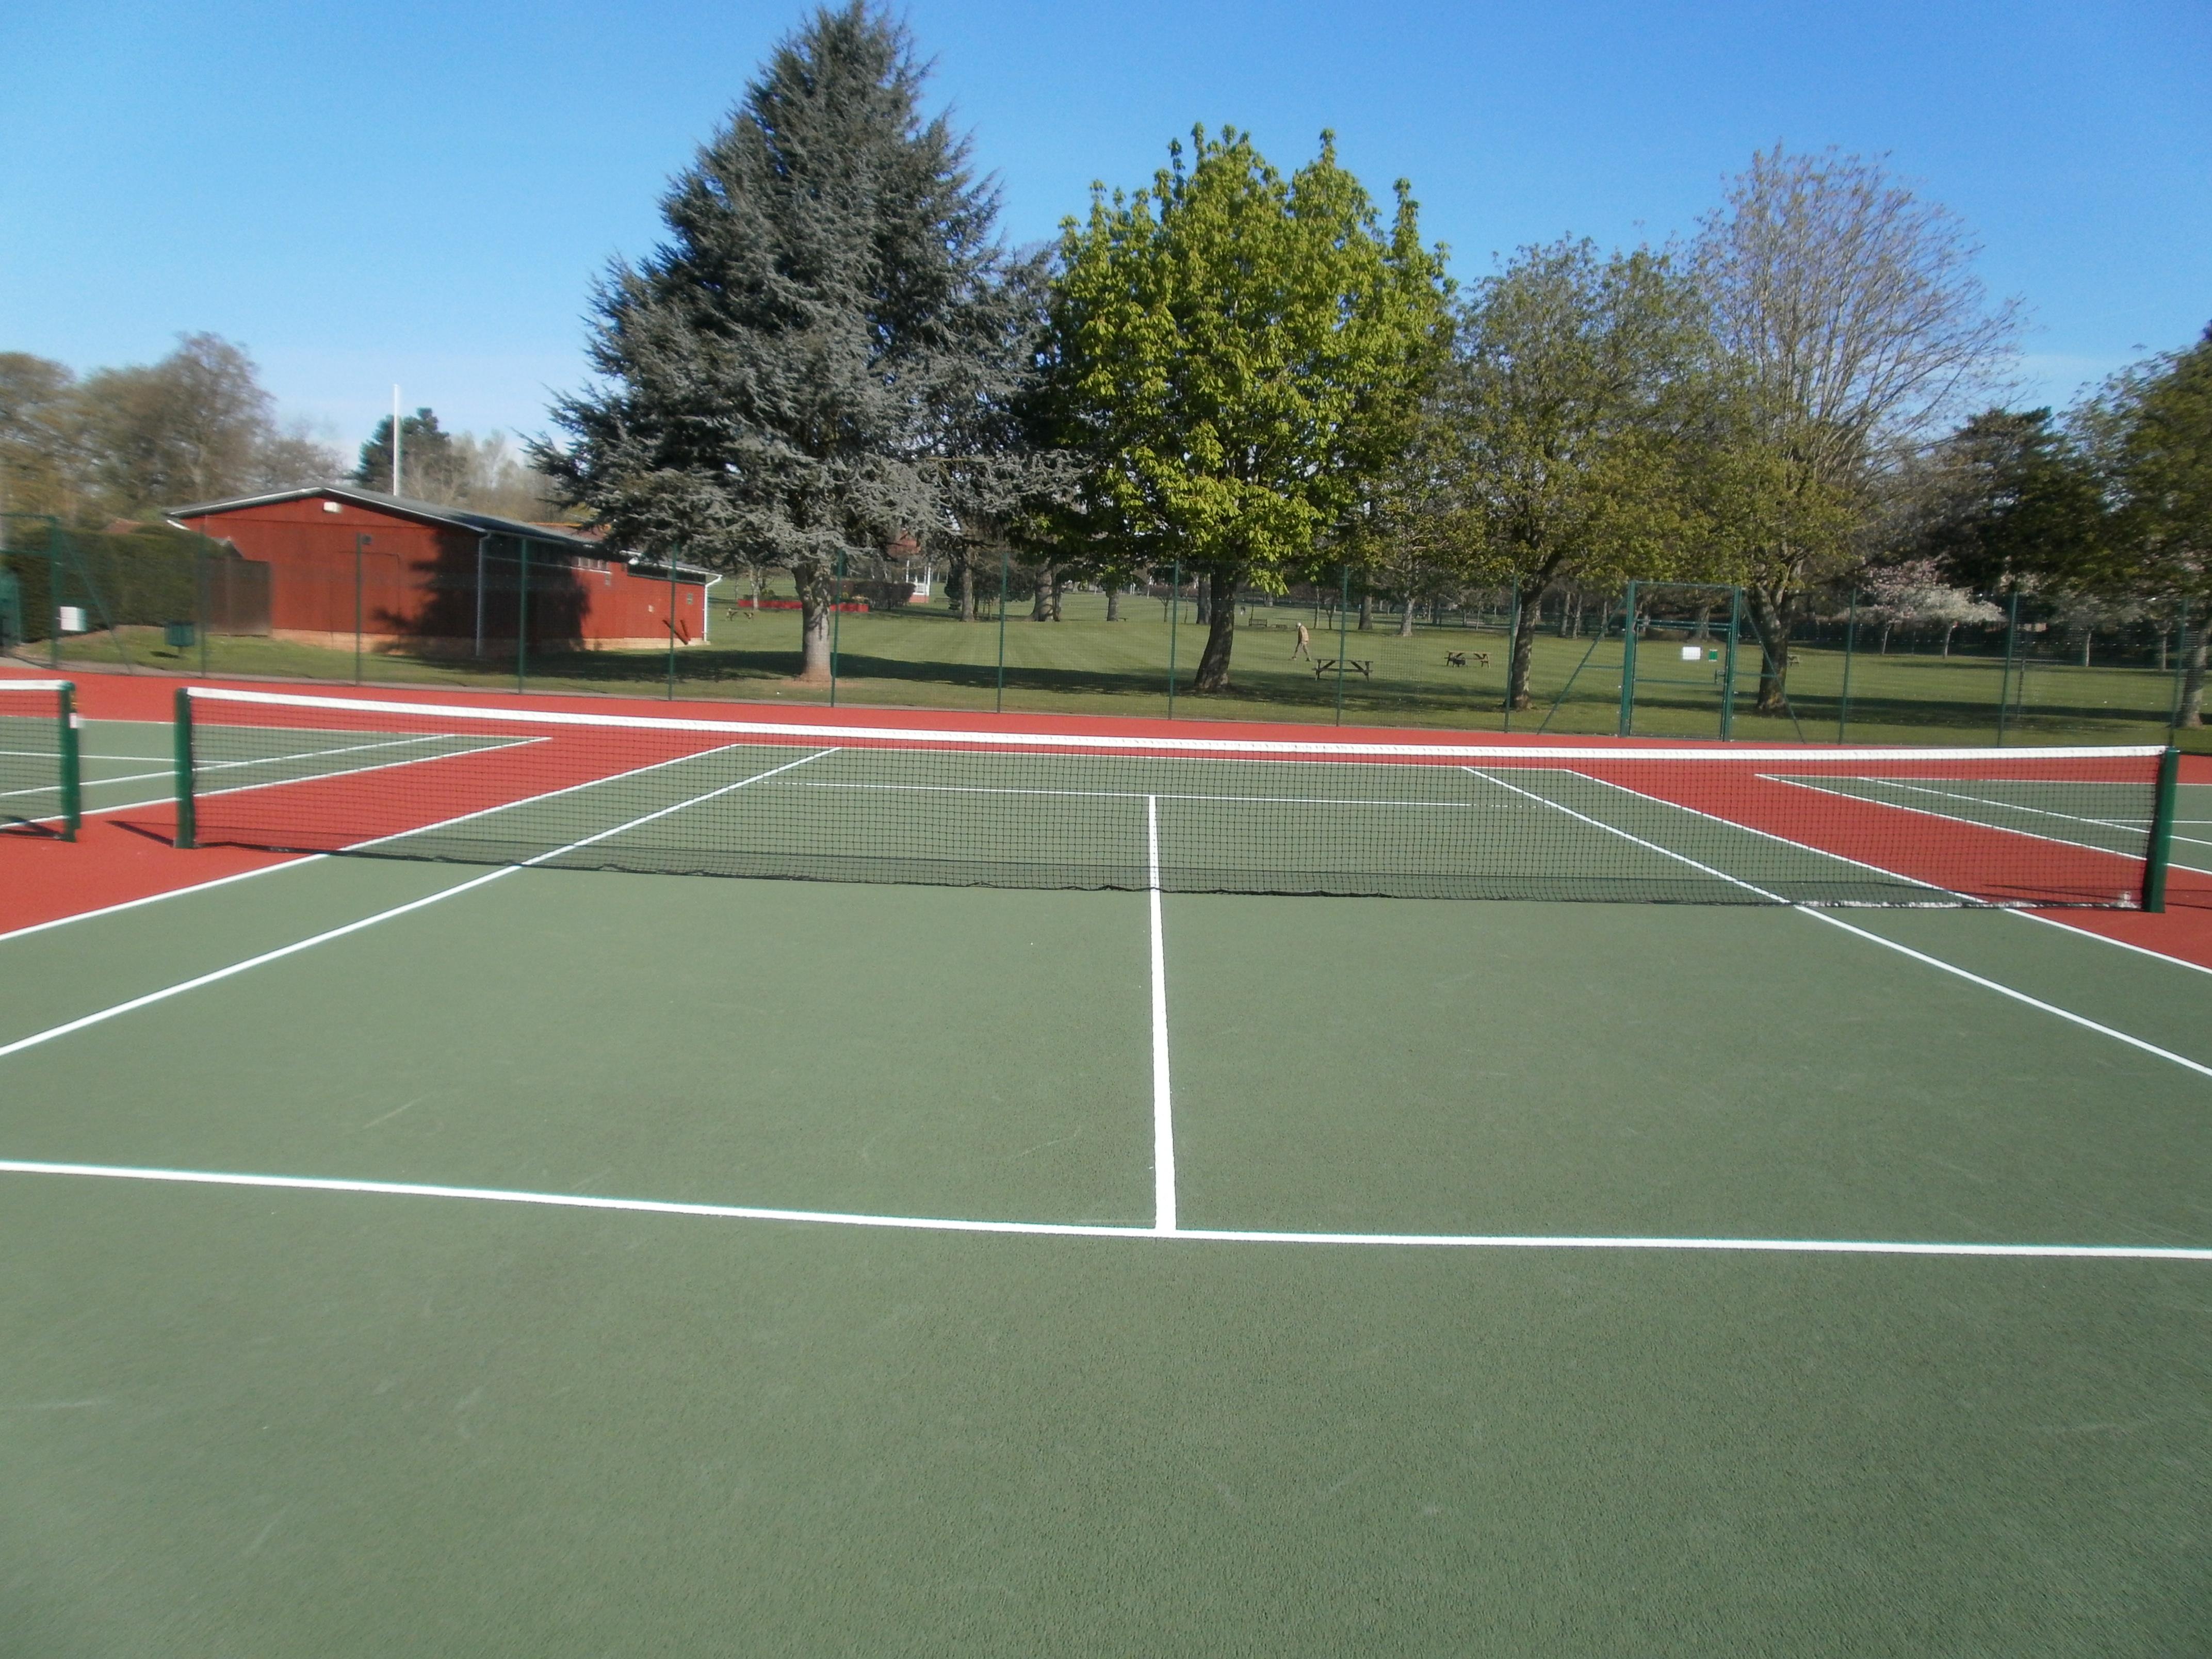 John Coles Park tennis courts